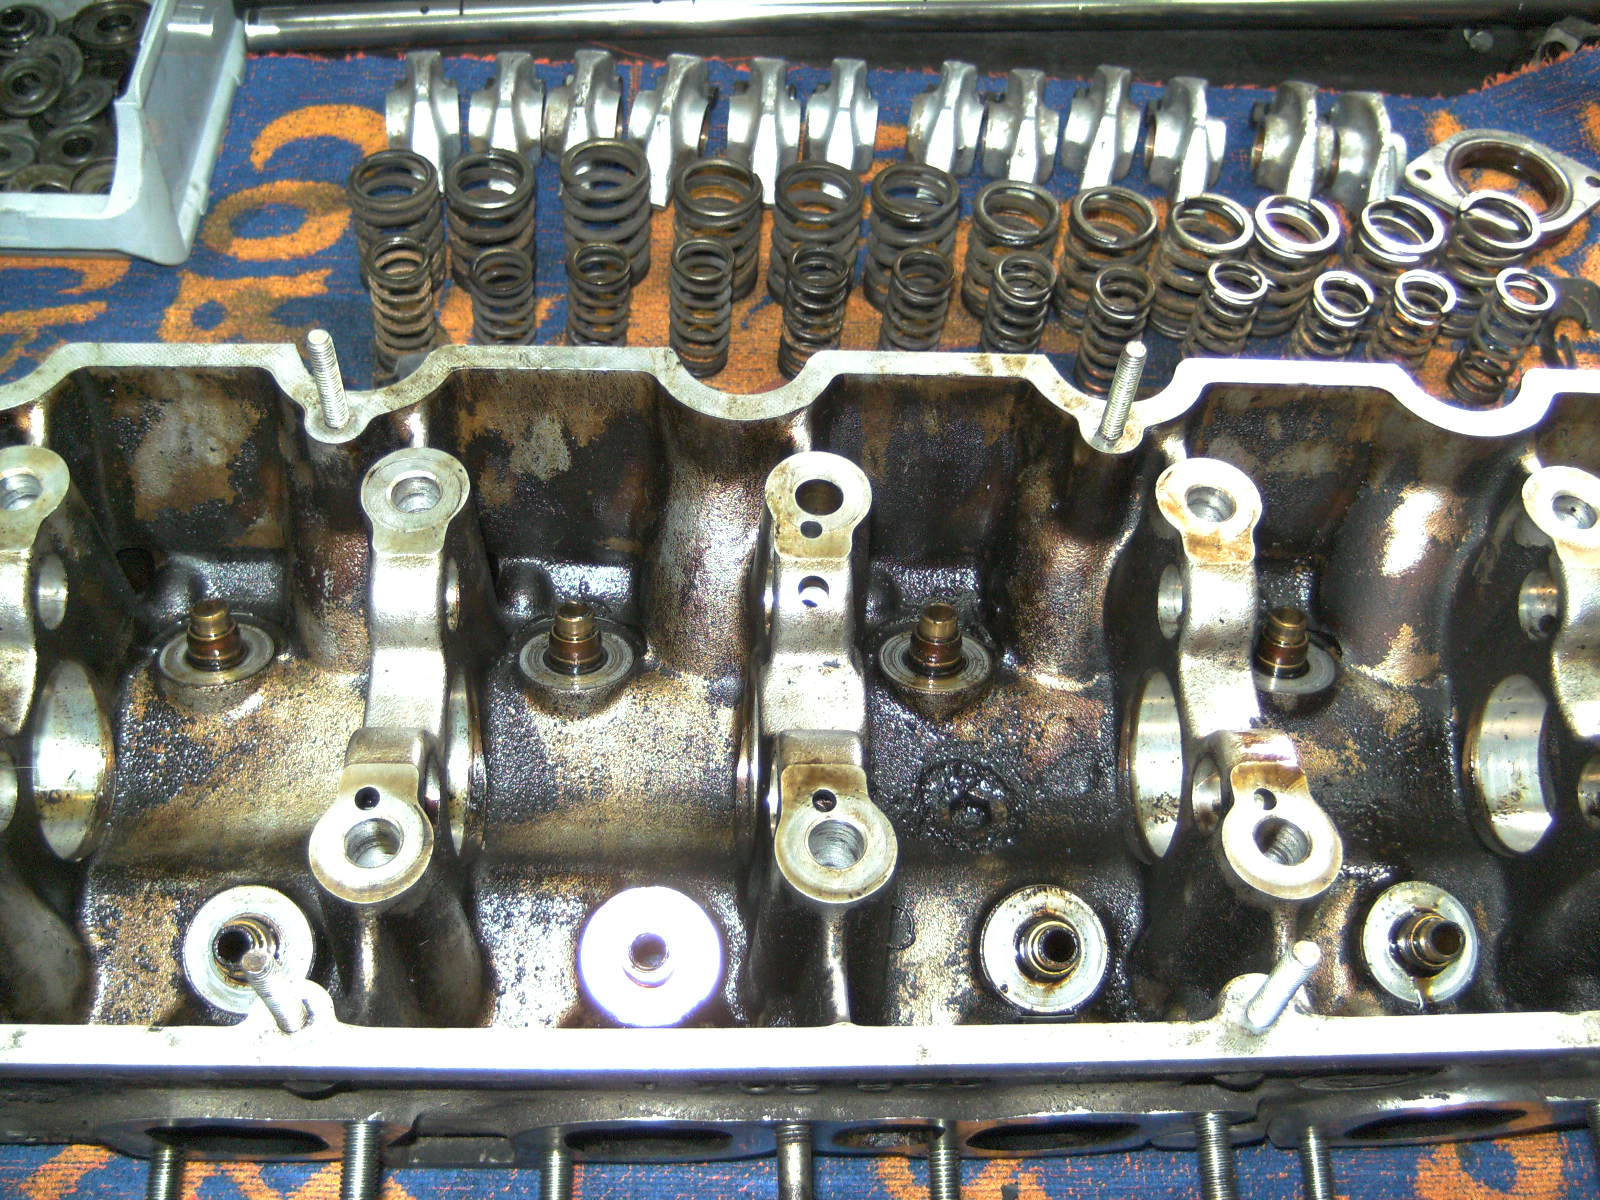 Fabelhaft Pleuellager wechseln M10 Motor - Allgemeines - E30-Talk.com #WZ_95